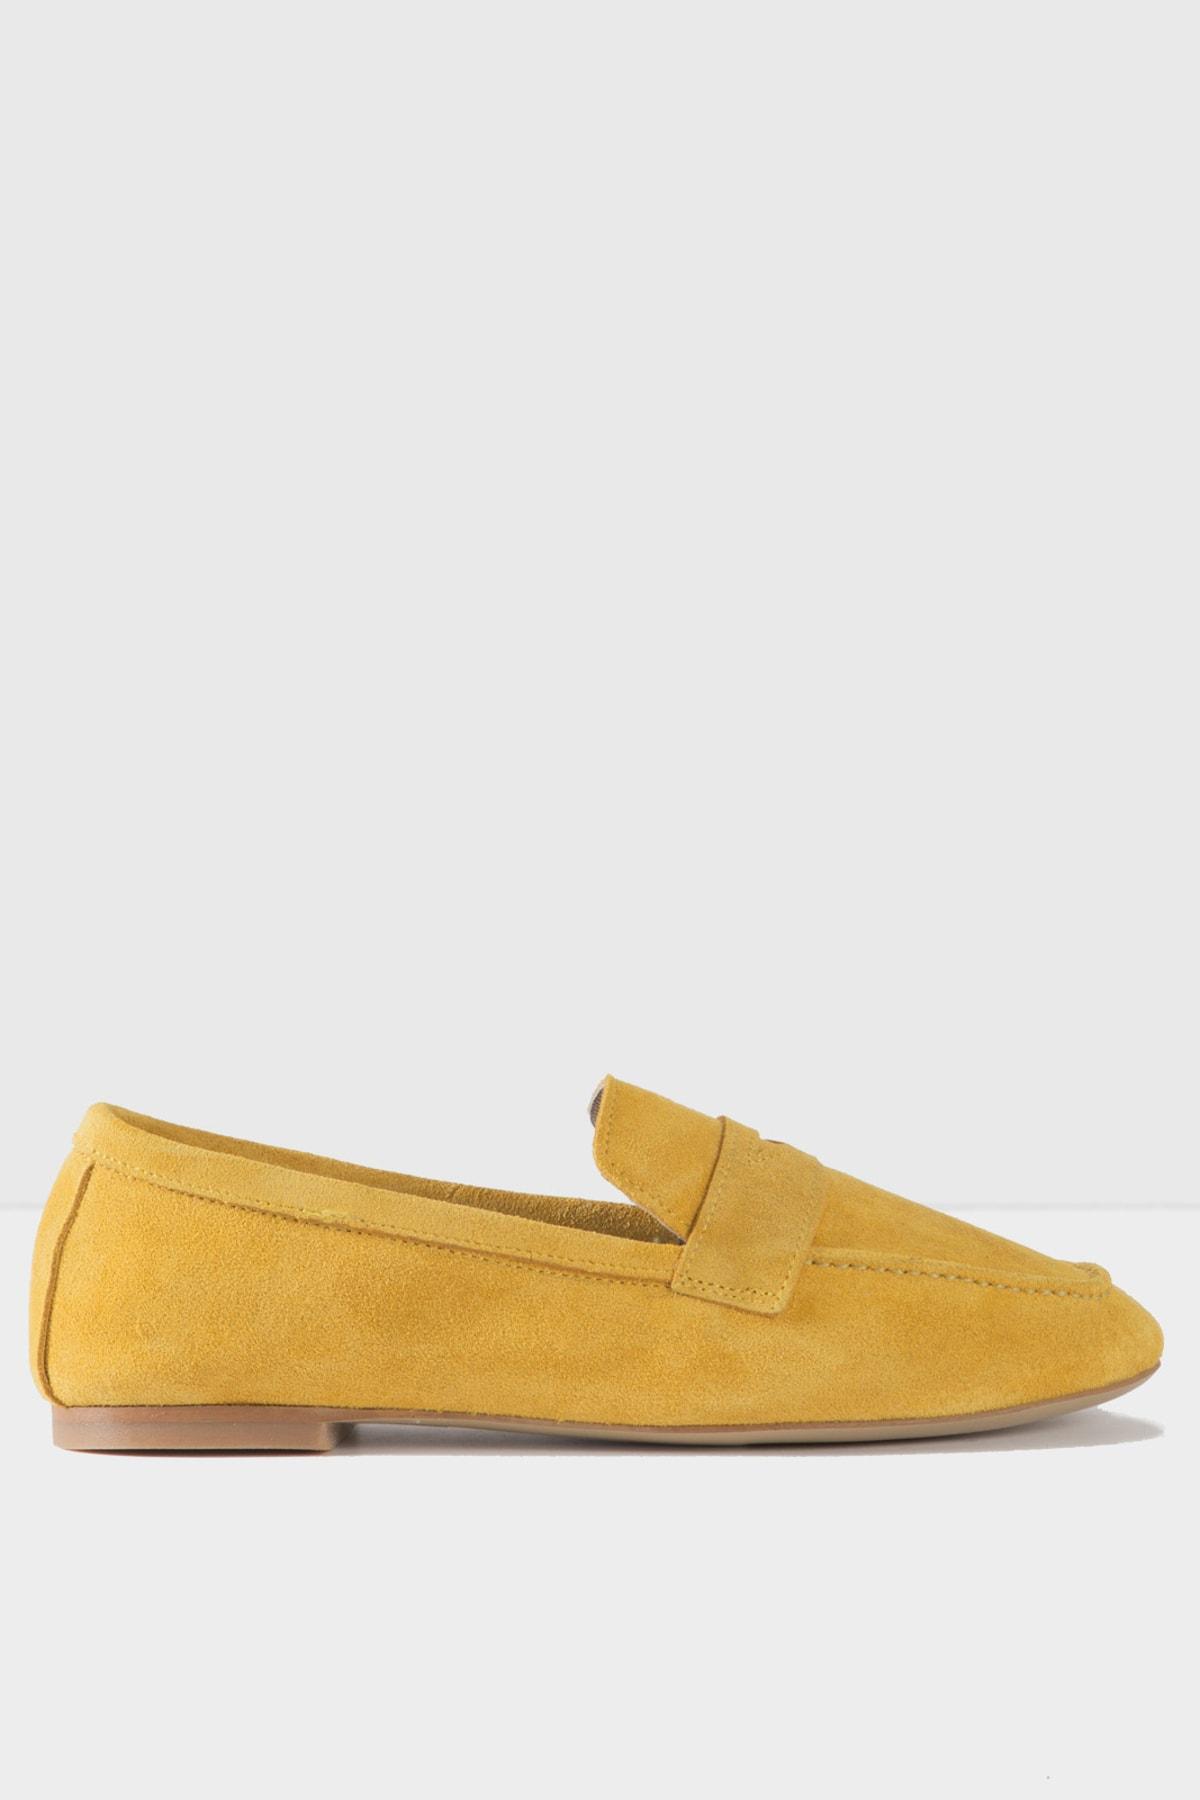 Aldo NUMERY-TR - Sarı Kadın Loafer 1